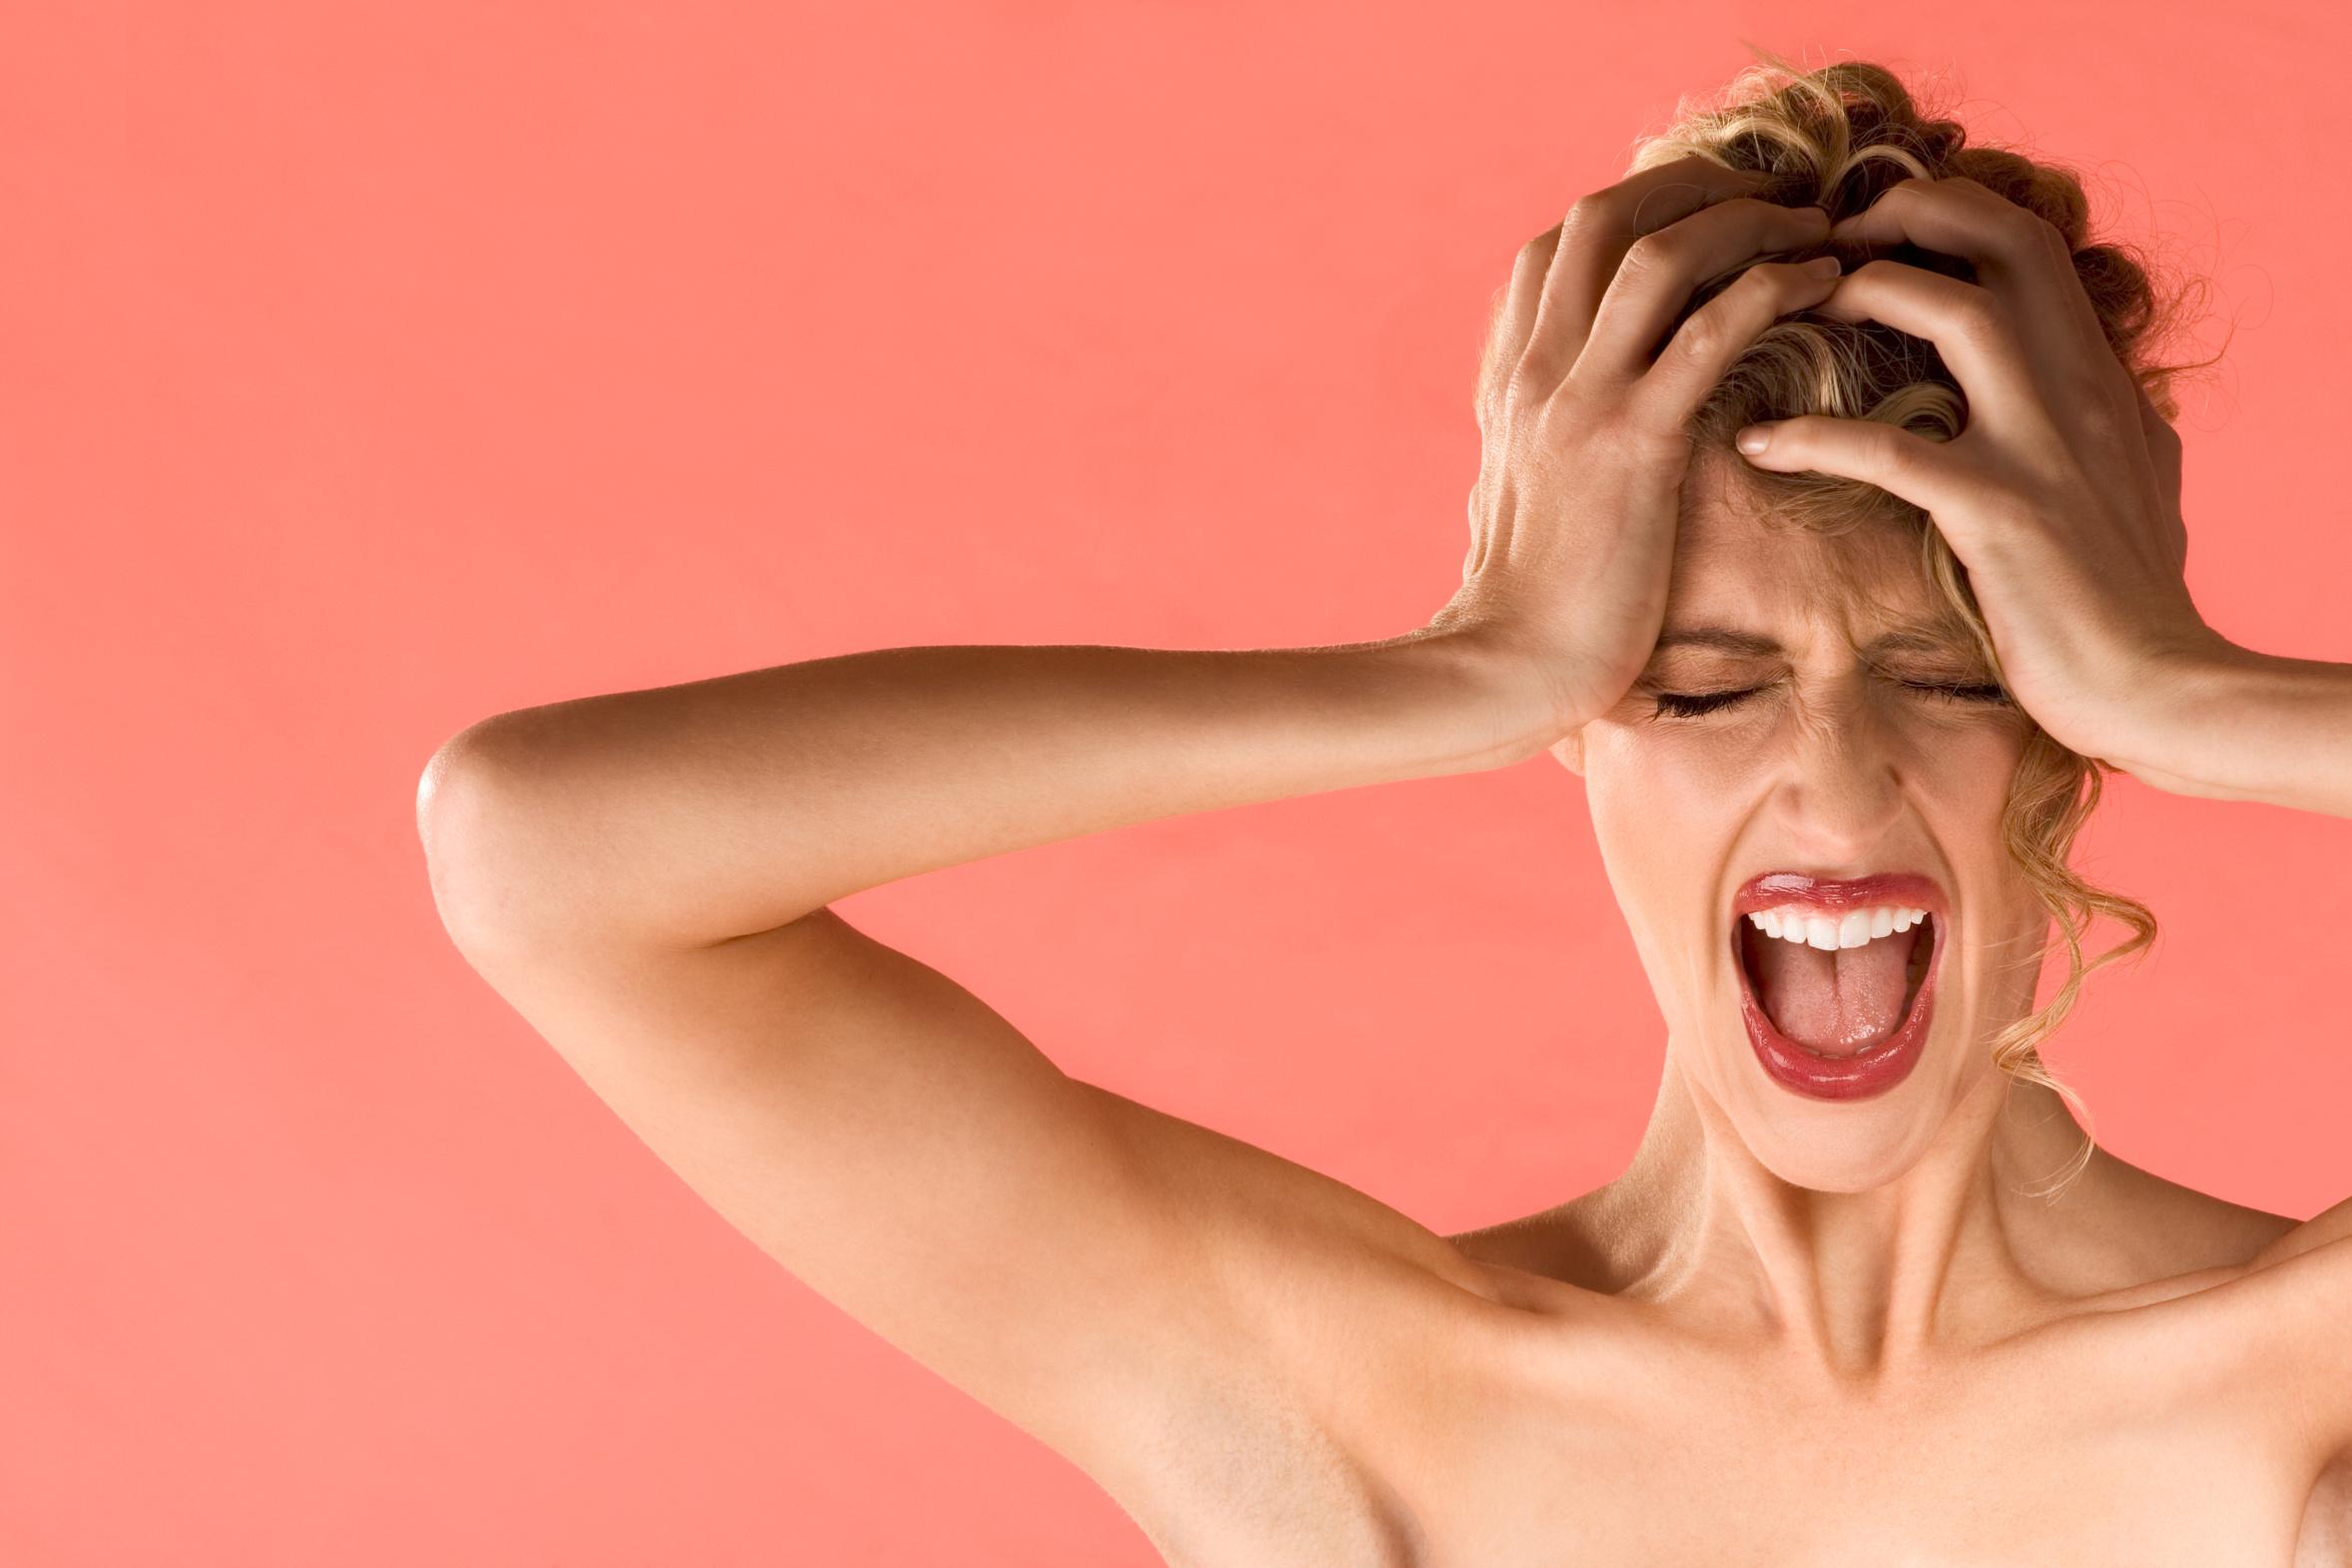 Immissioni sonore intollerabili: il danno è in re ipsa